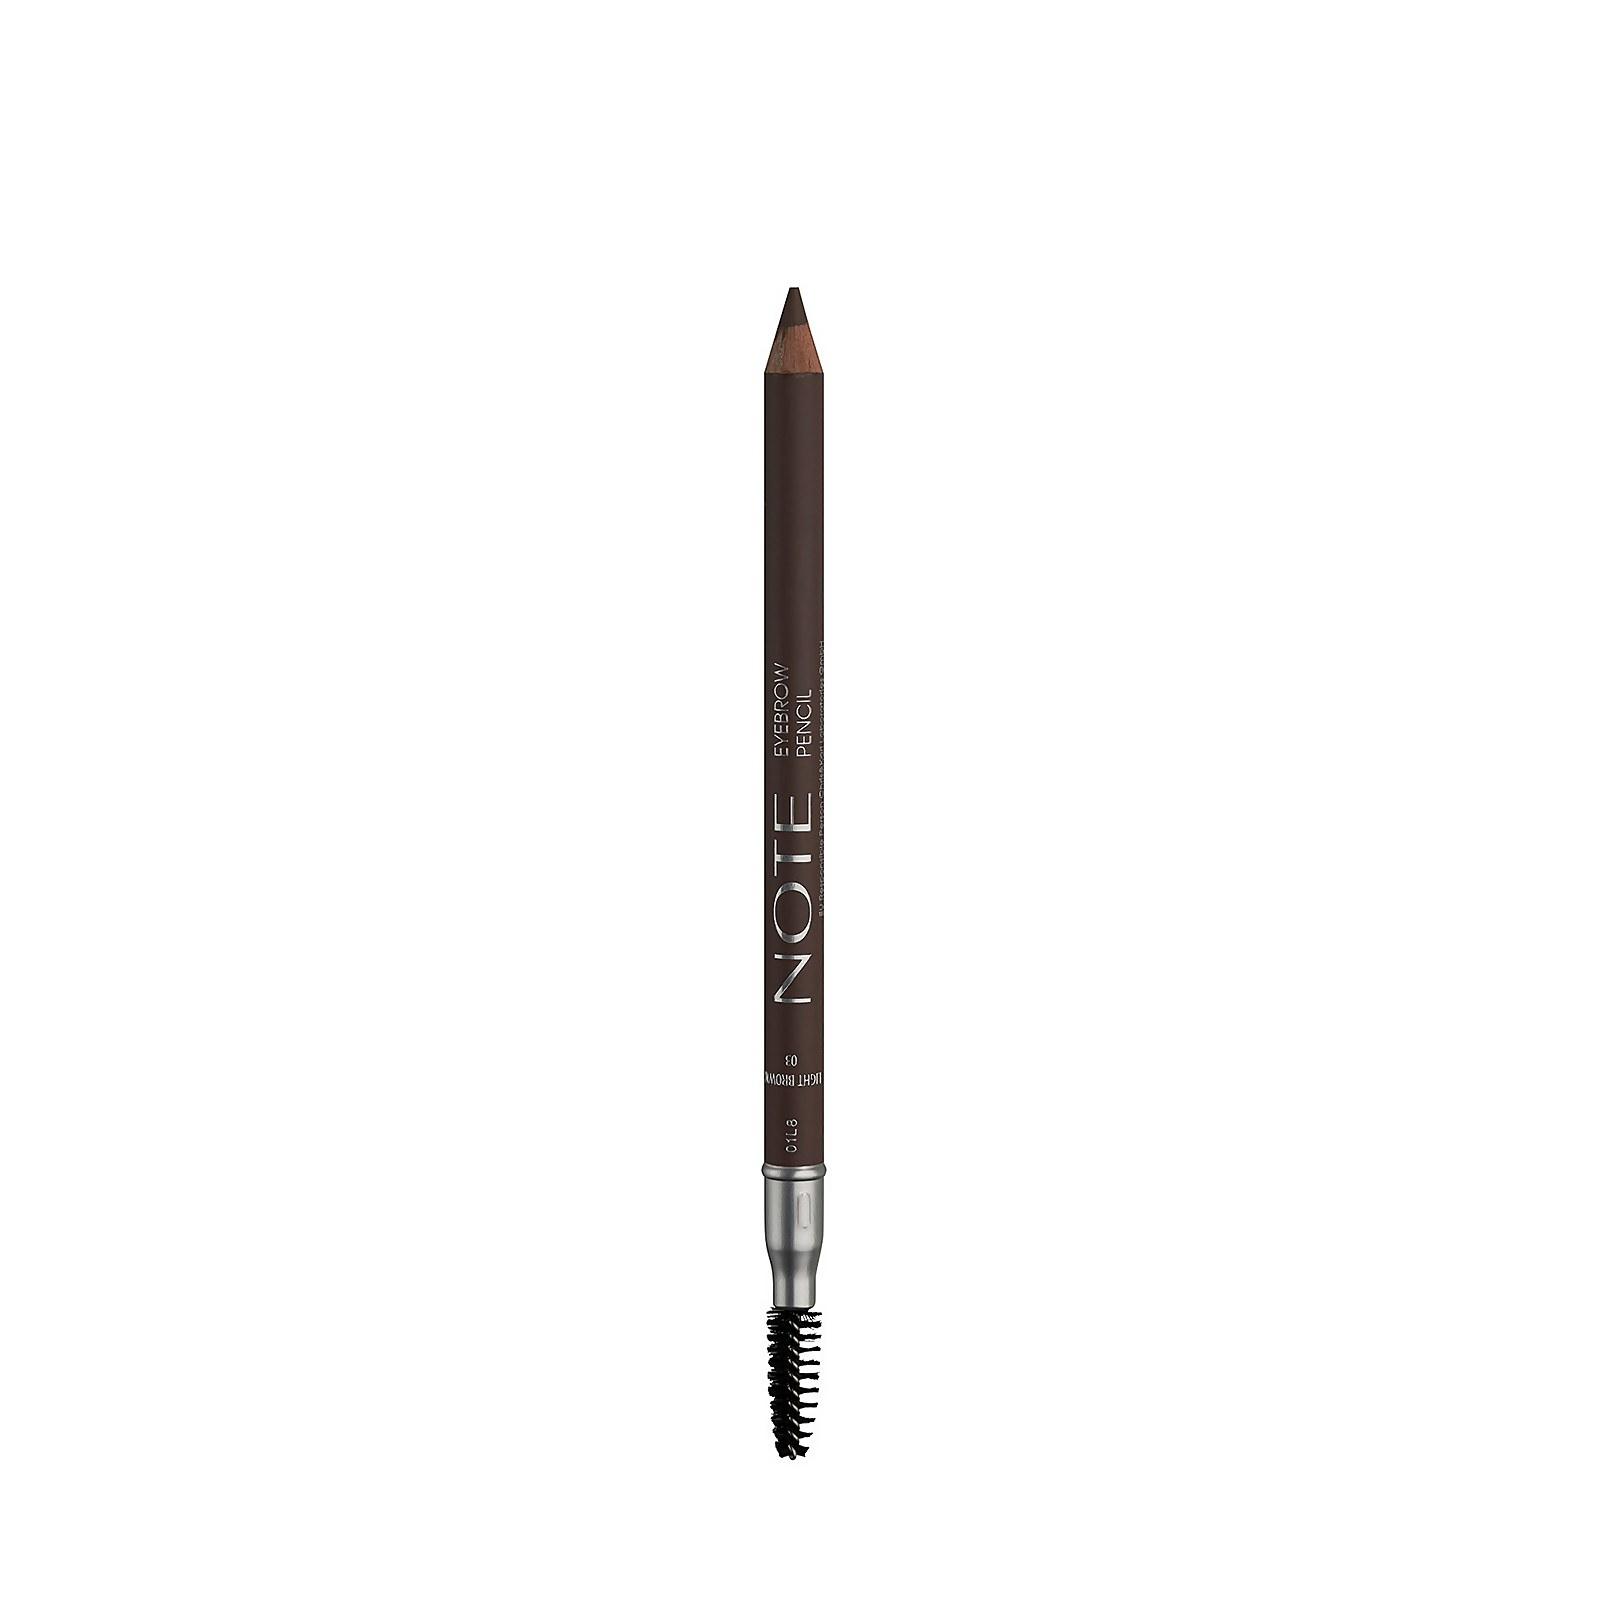 Купить Карандаш для бровей Note Cosmetics 1, 1 г (разные оттенки) - 03 Light Brown